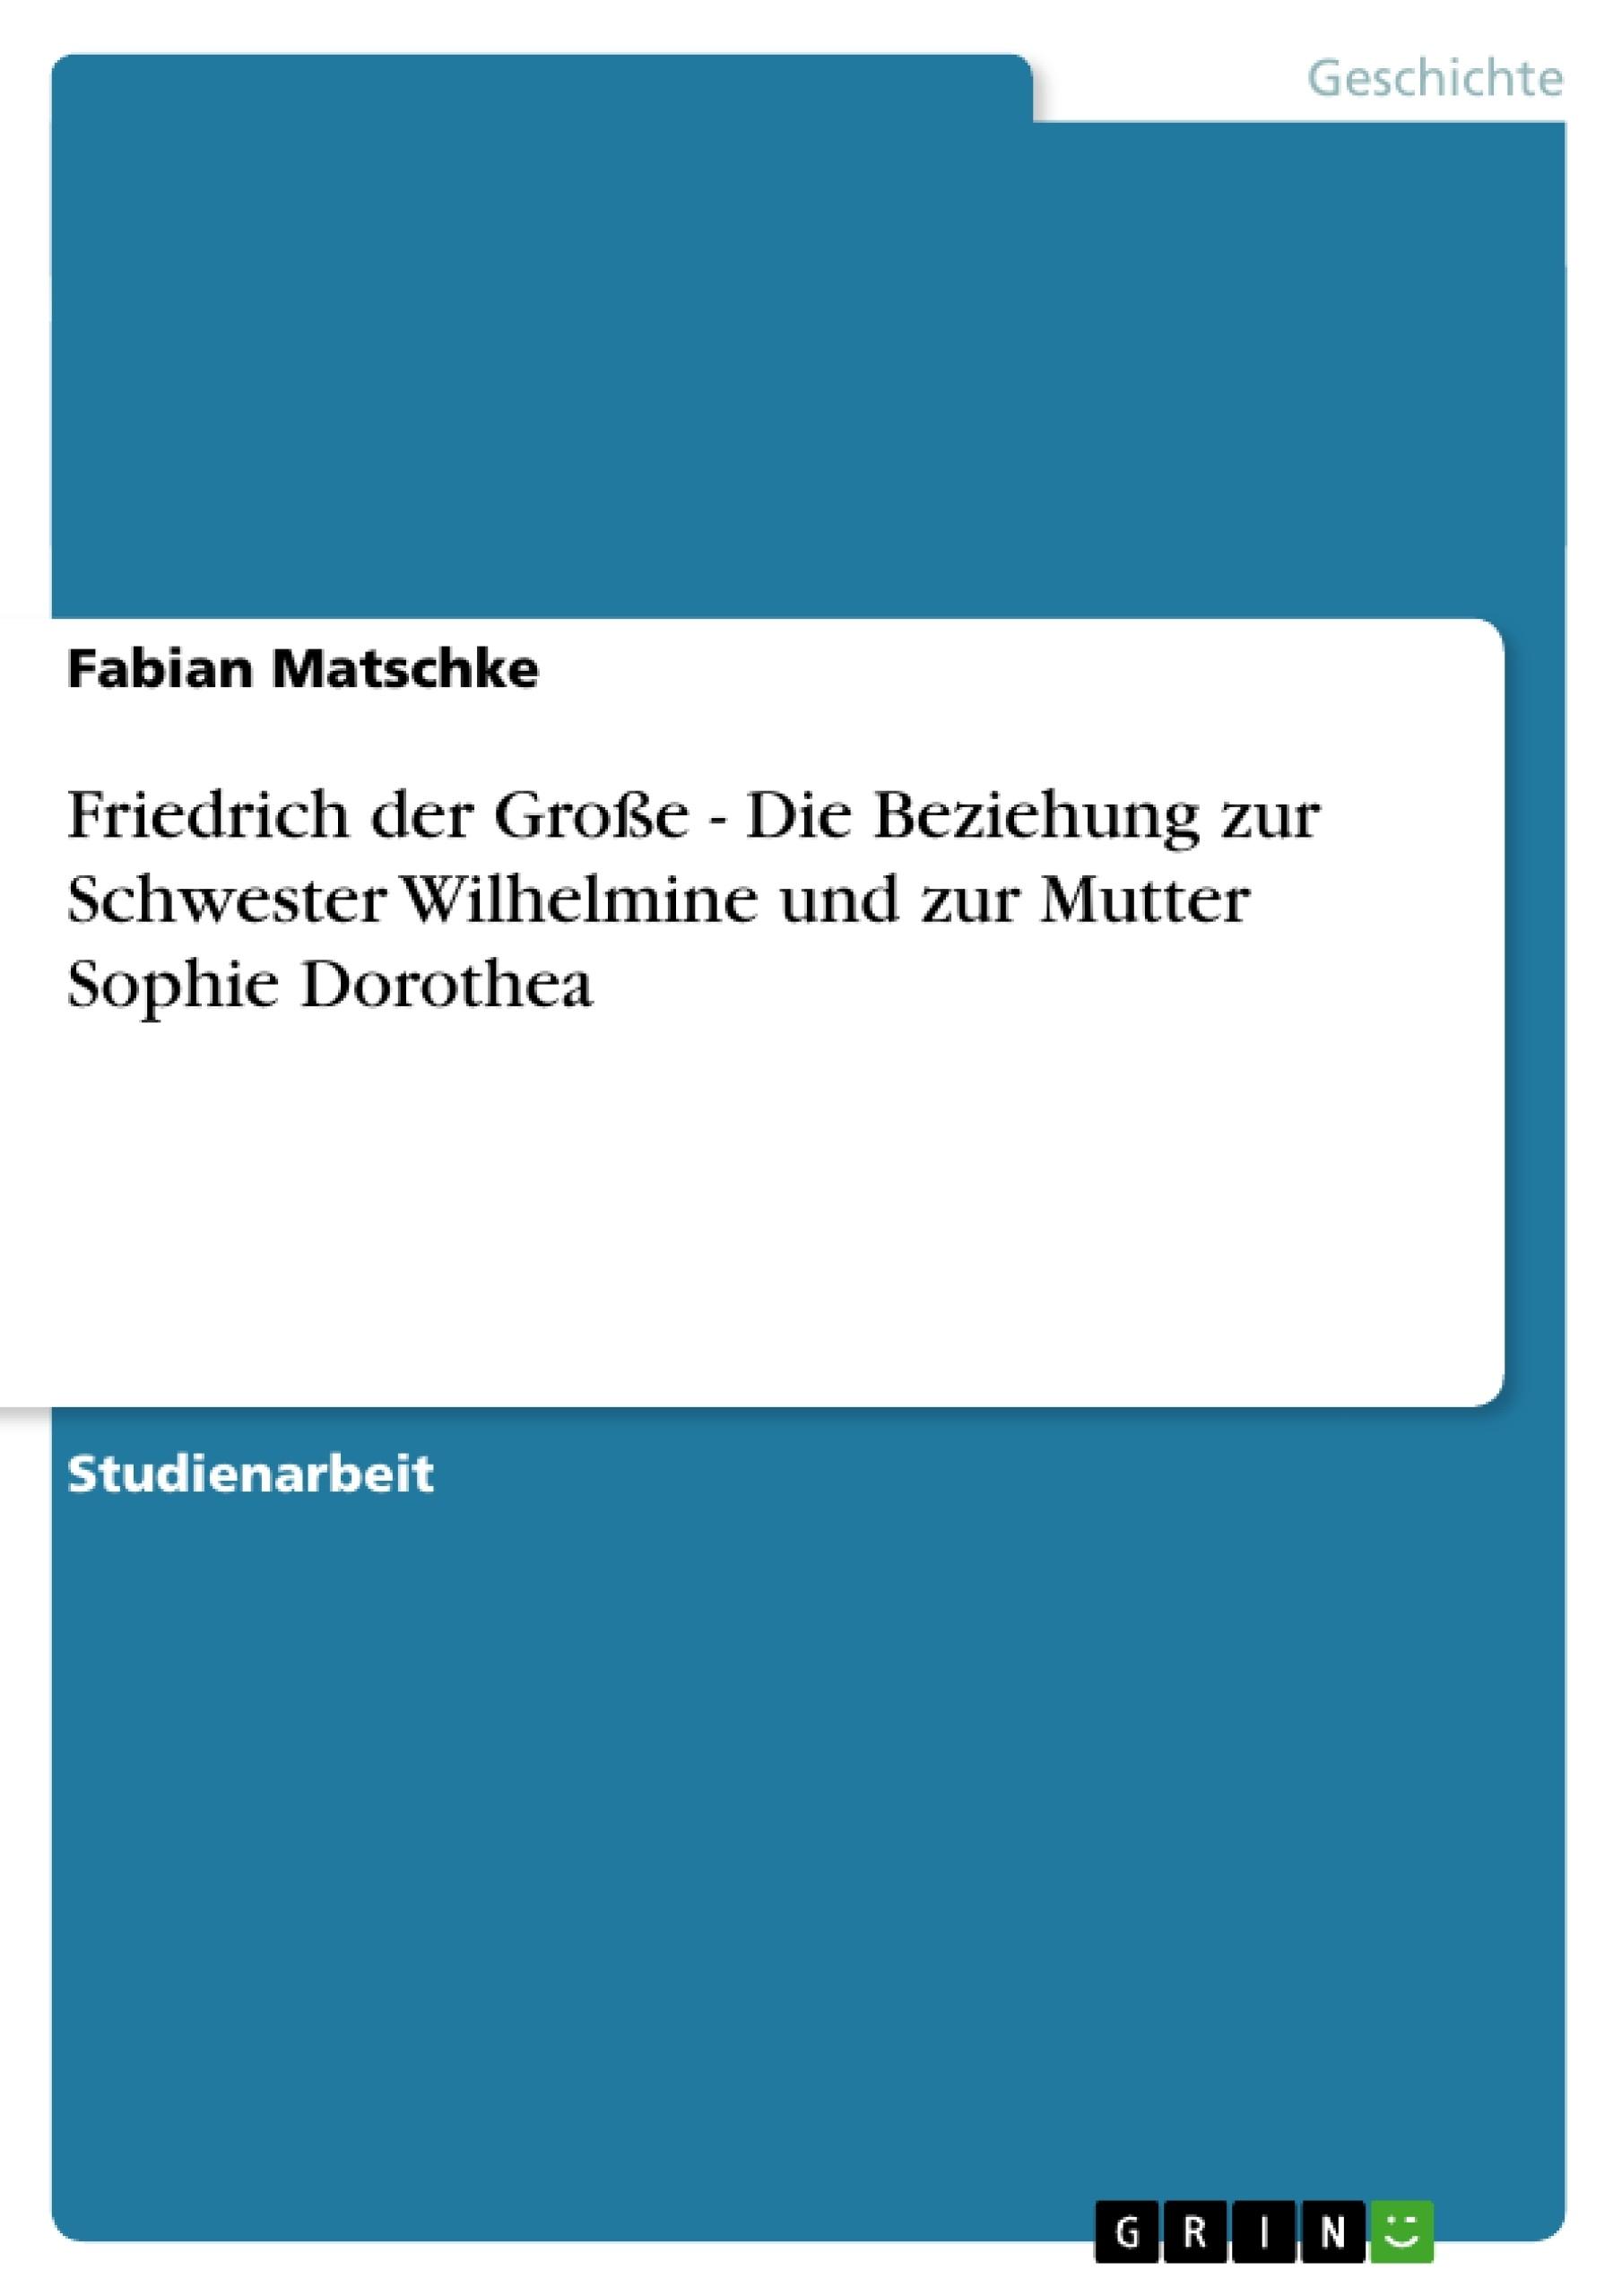 Titel: Friedrich der Große - Die Beziehung zur Schwester Wilhelmine und zur Mutter Sophie Dorothea